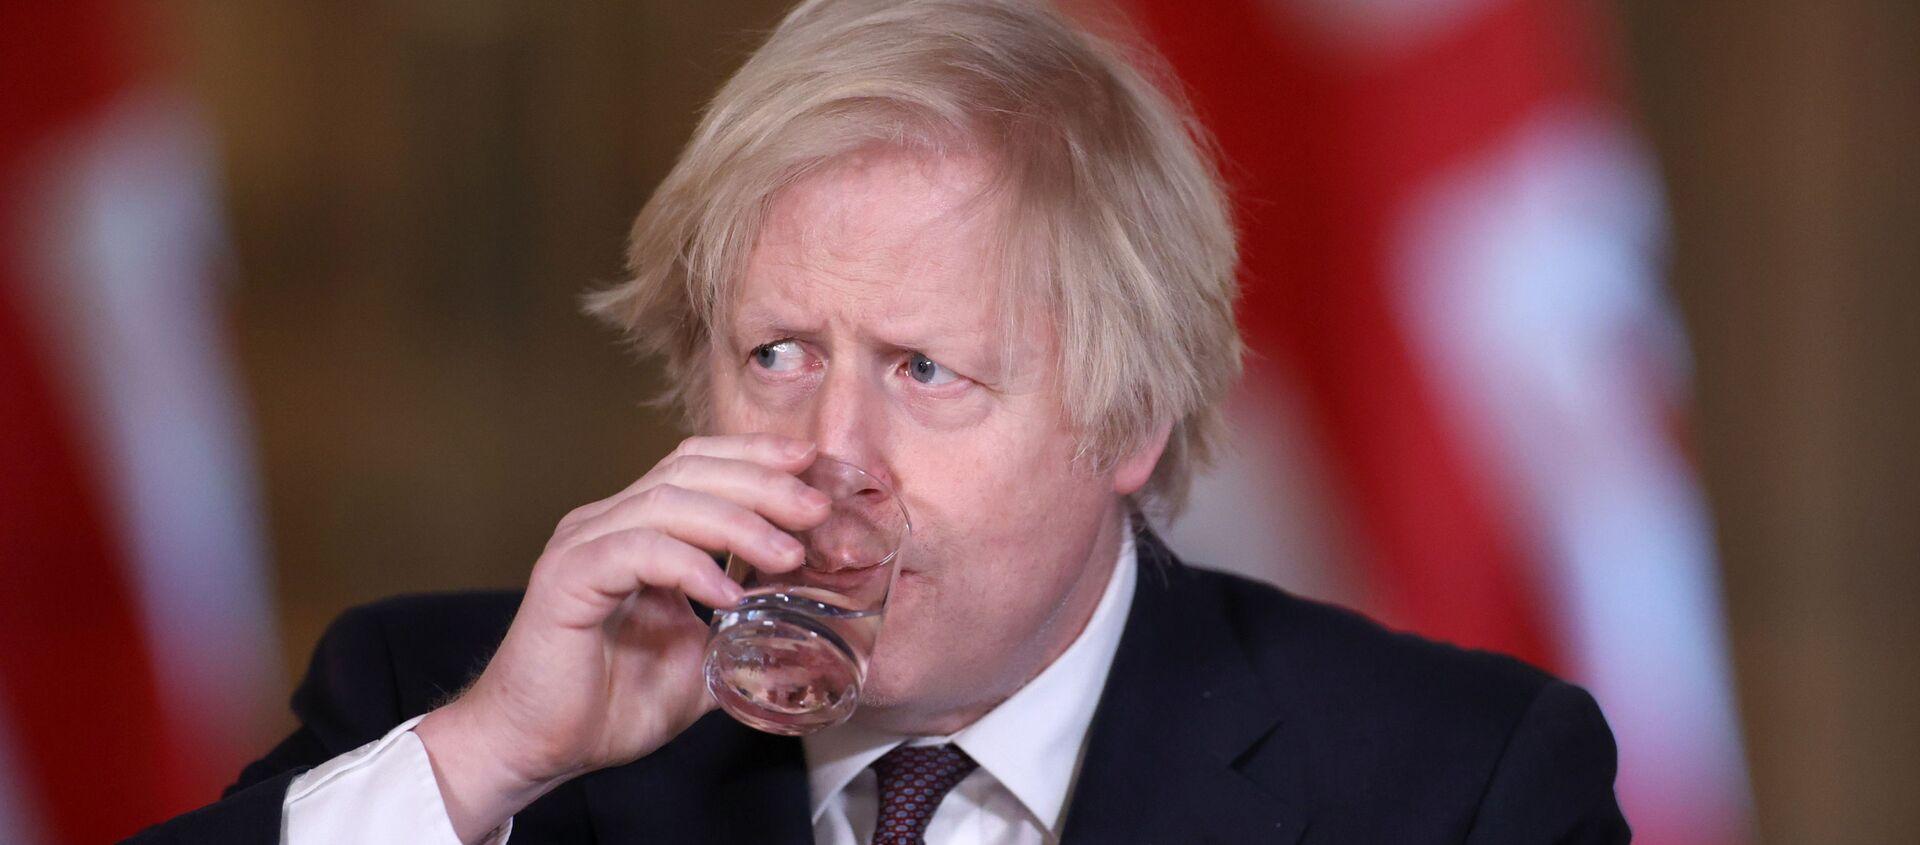 İngiltere Başbakanı Boris Johnson - Sputnik Türkiye, 1920, 14.05.2021